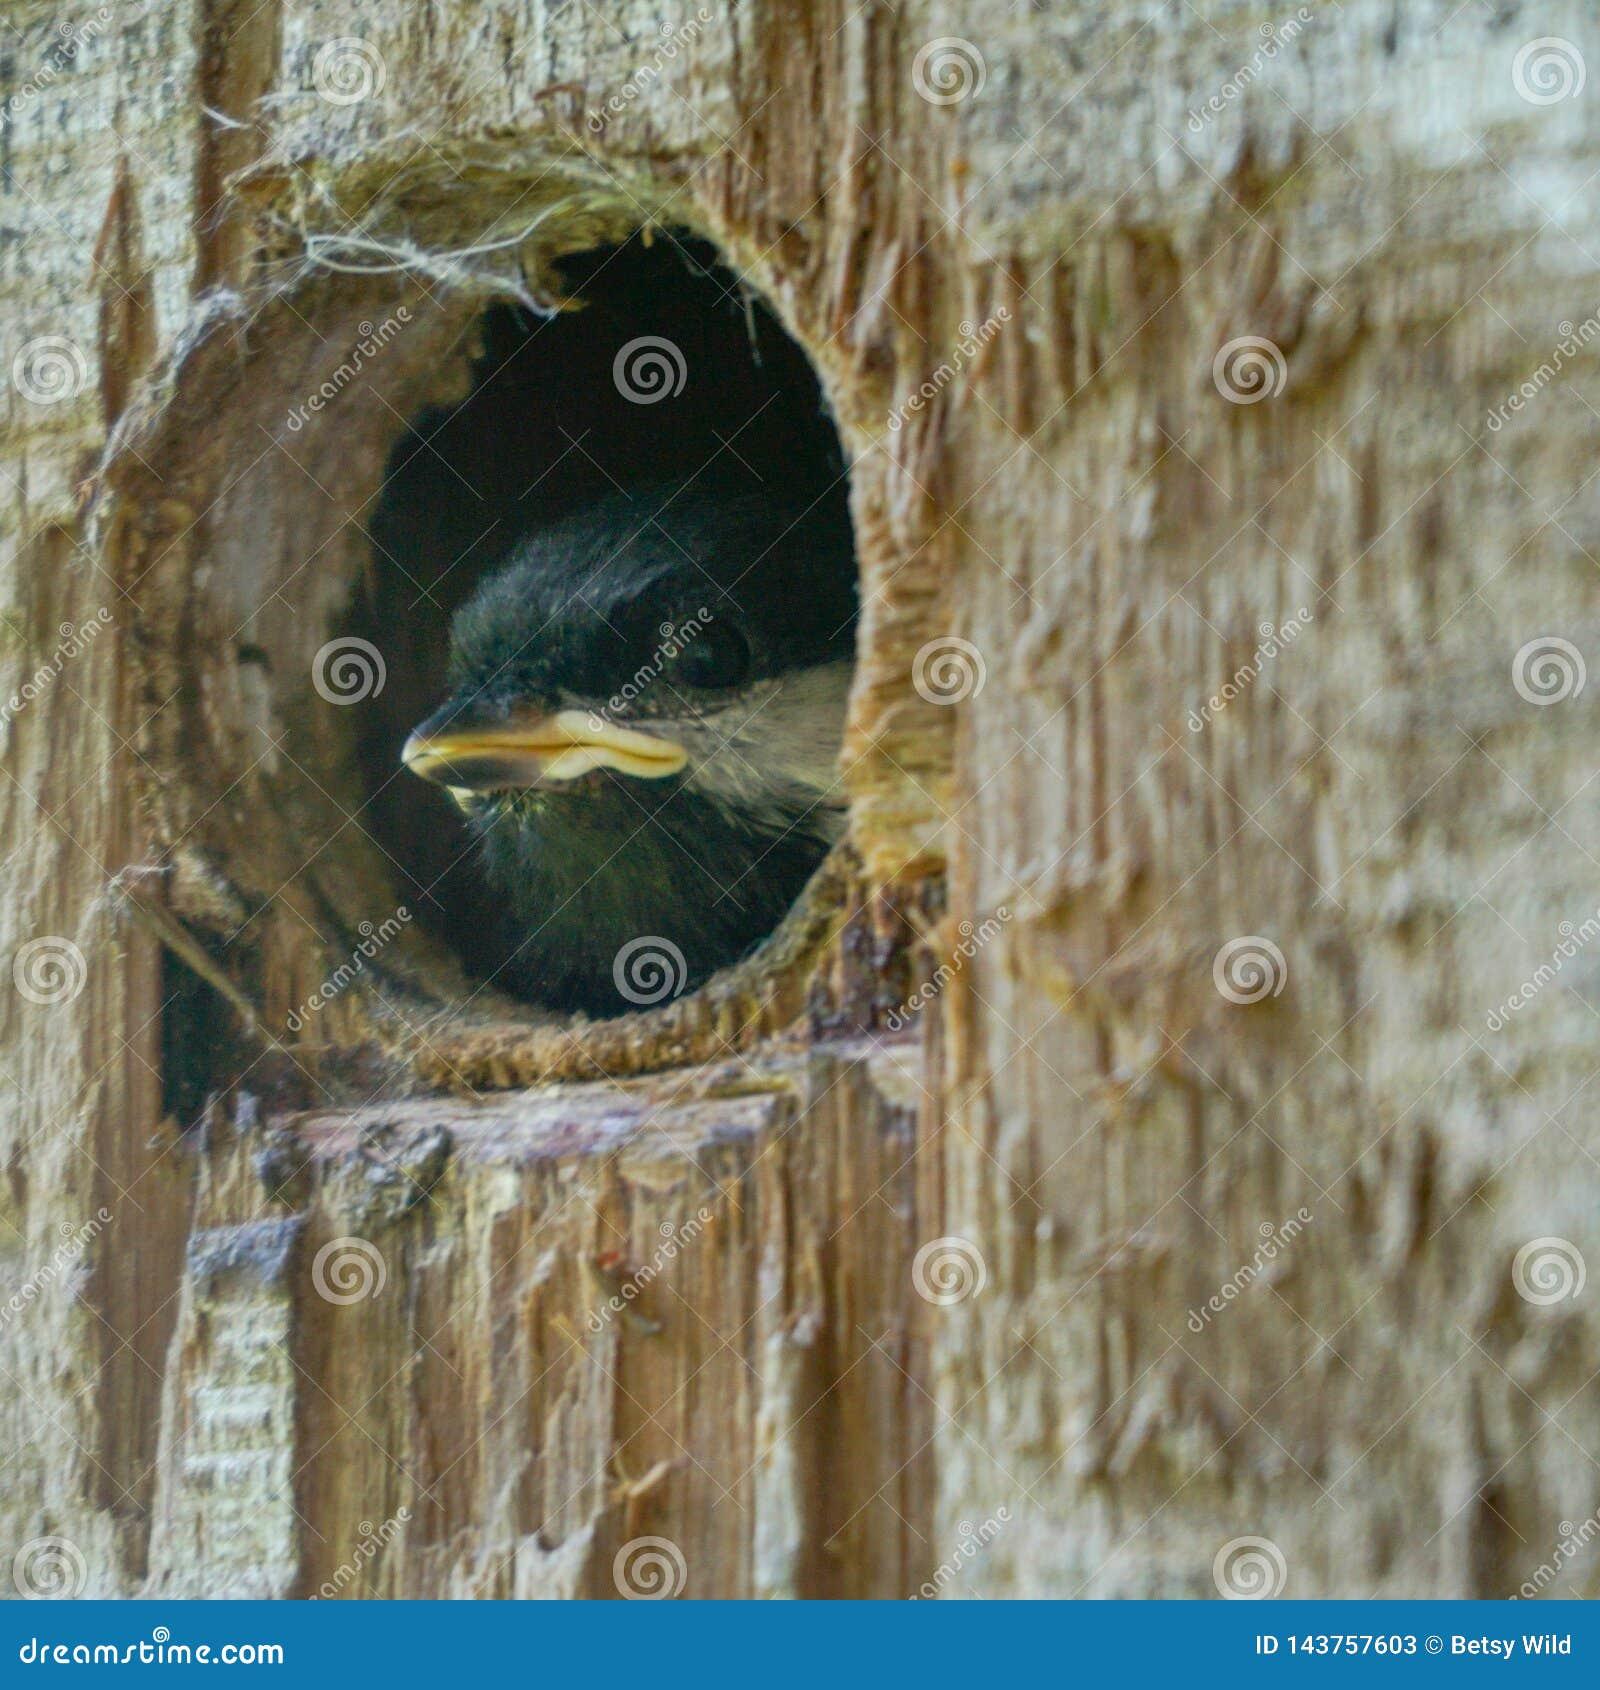 Baby bird peeking from the nest